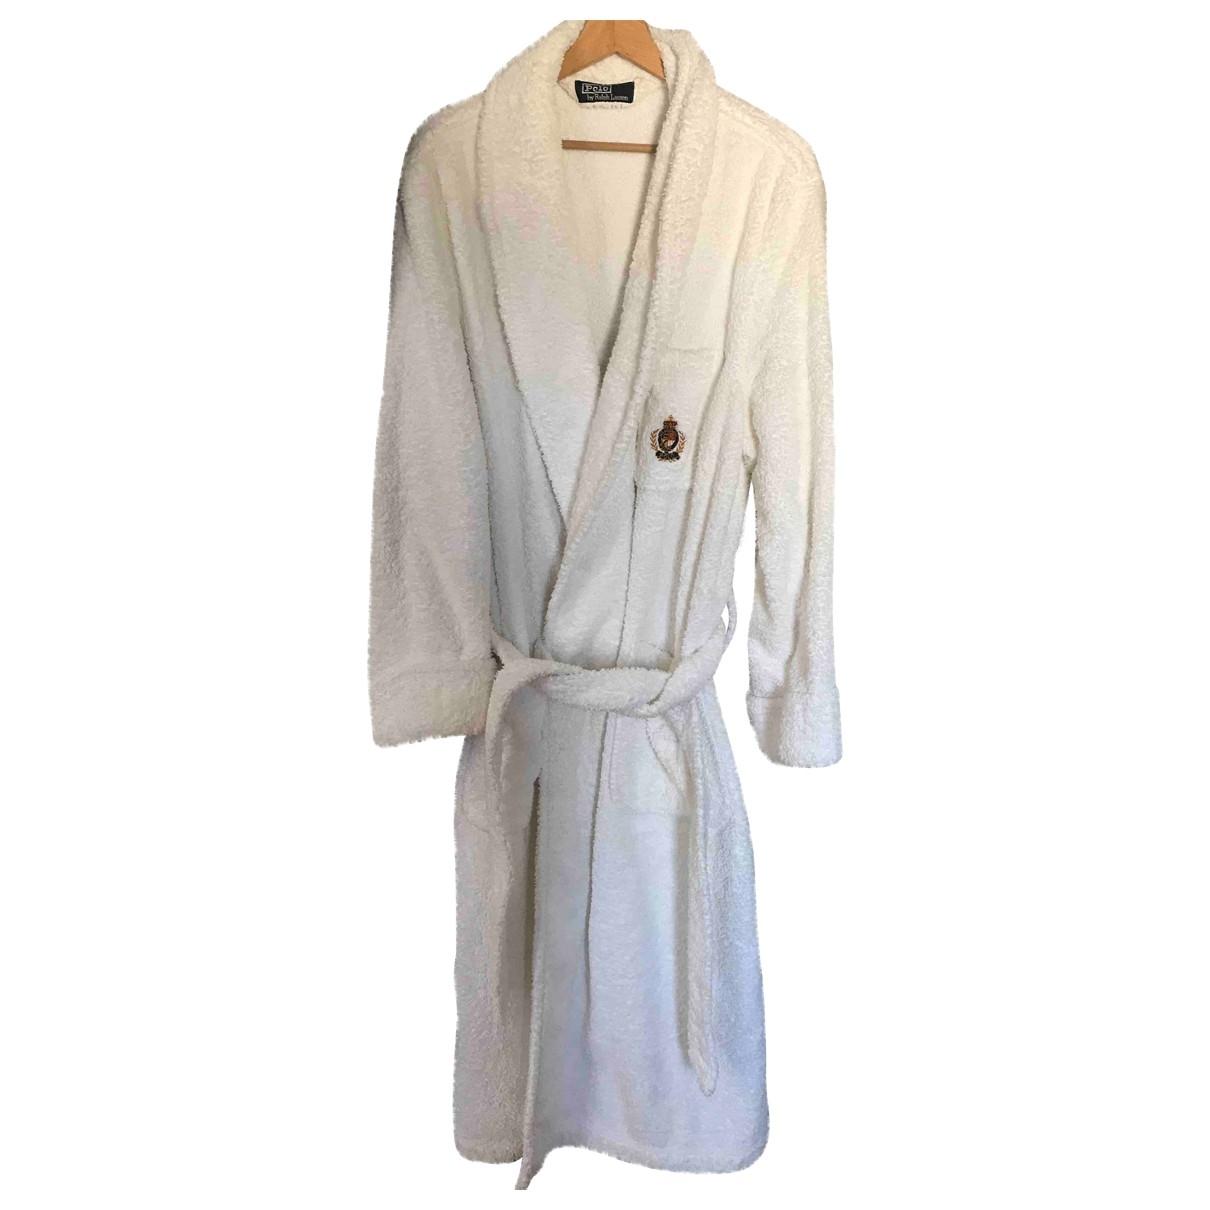 Polo Ralph Lauren - Linge de maison   pour lifestyle en coton - blanc